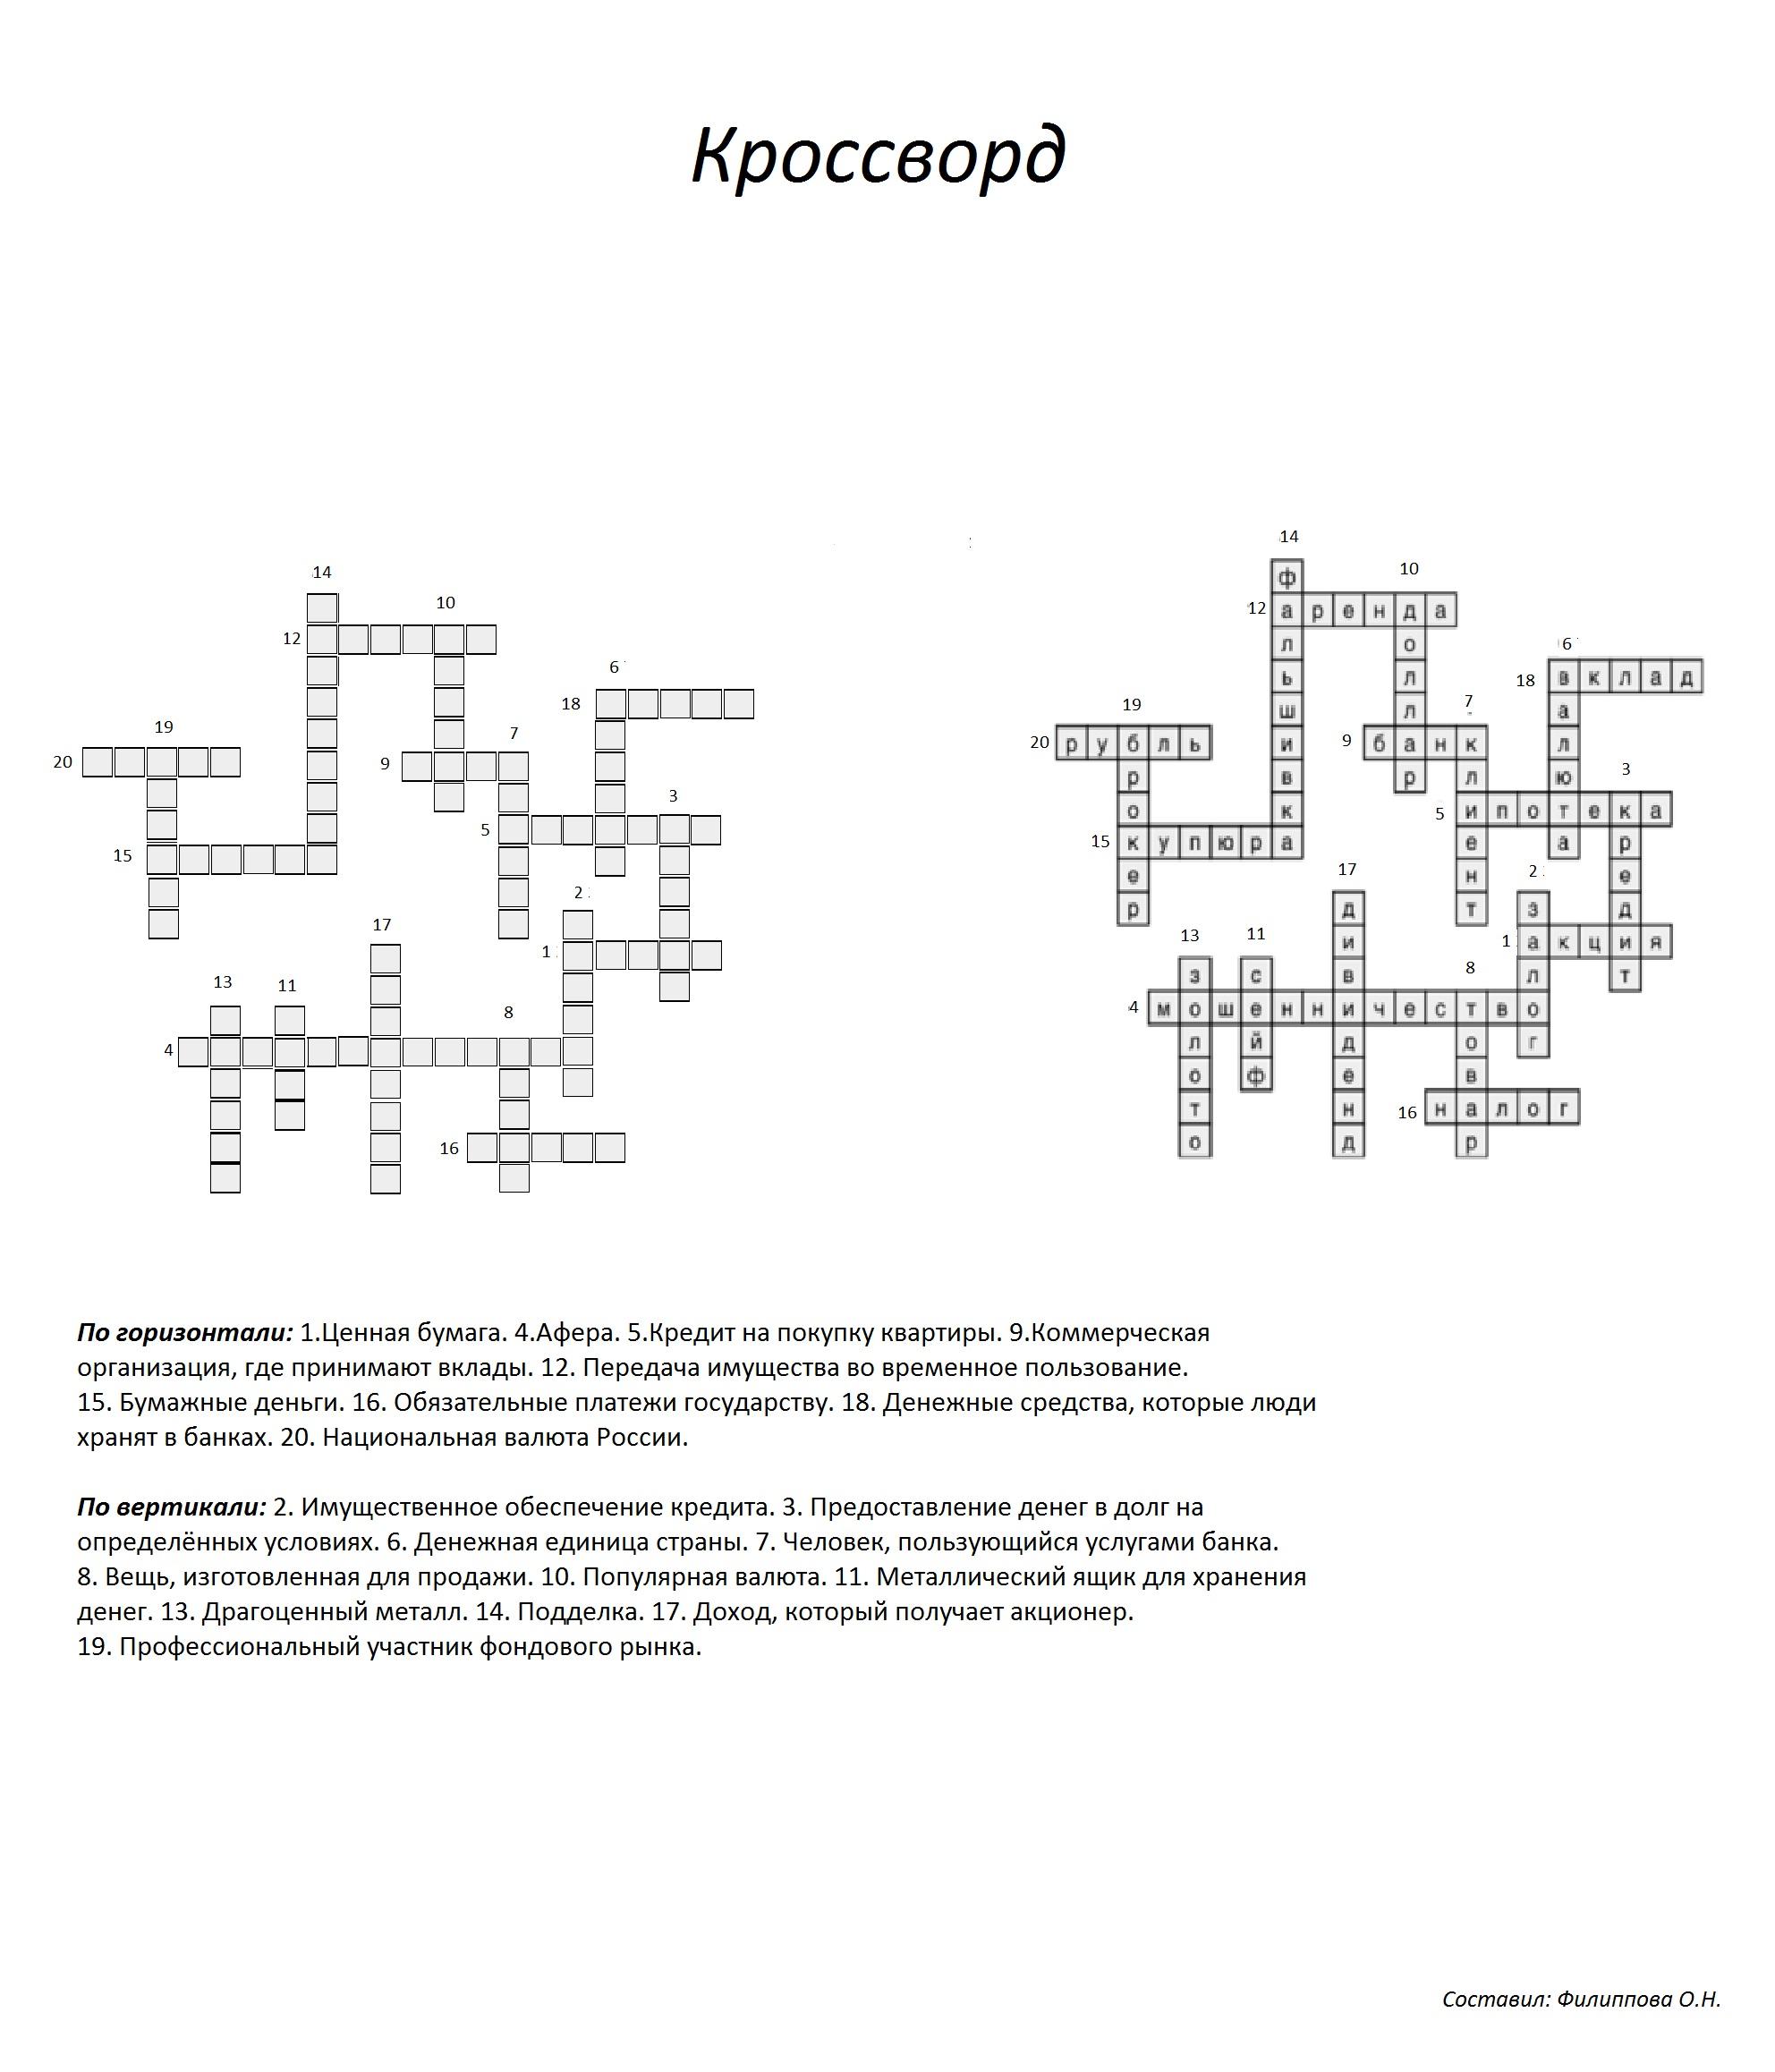 практическая деятельность на уроках мдк 01.01 медико-биологические и социальные основы здоровья